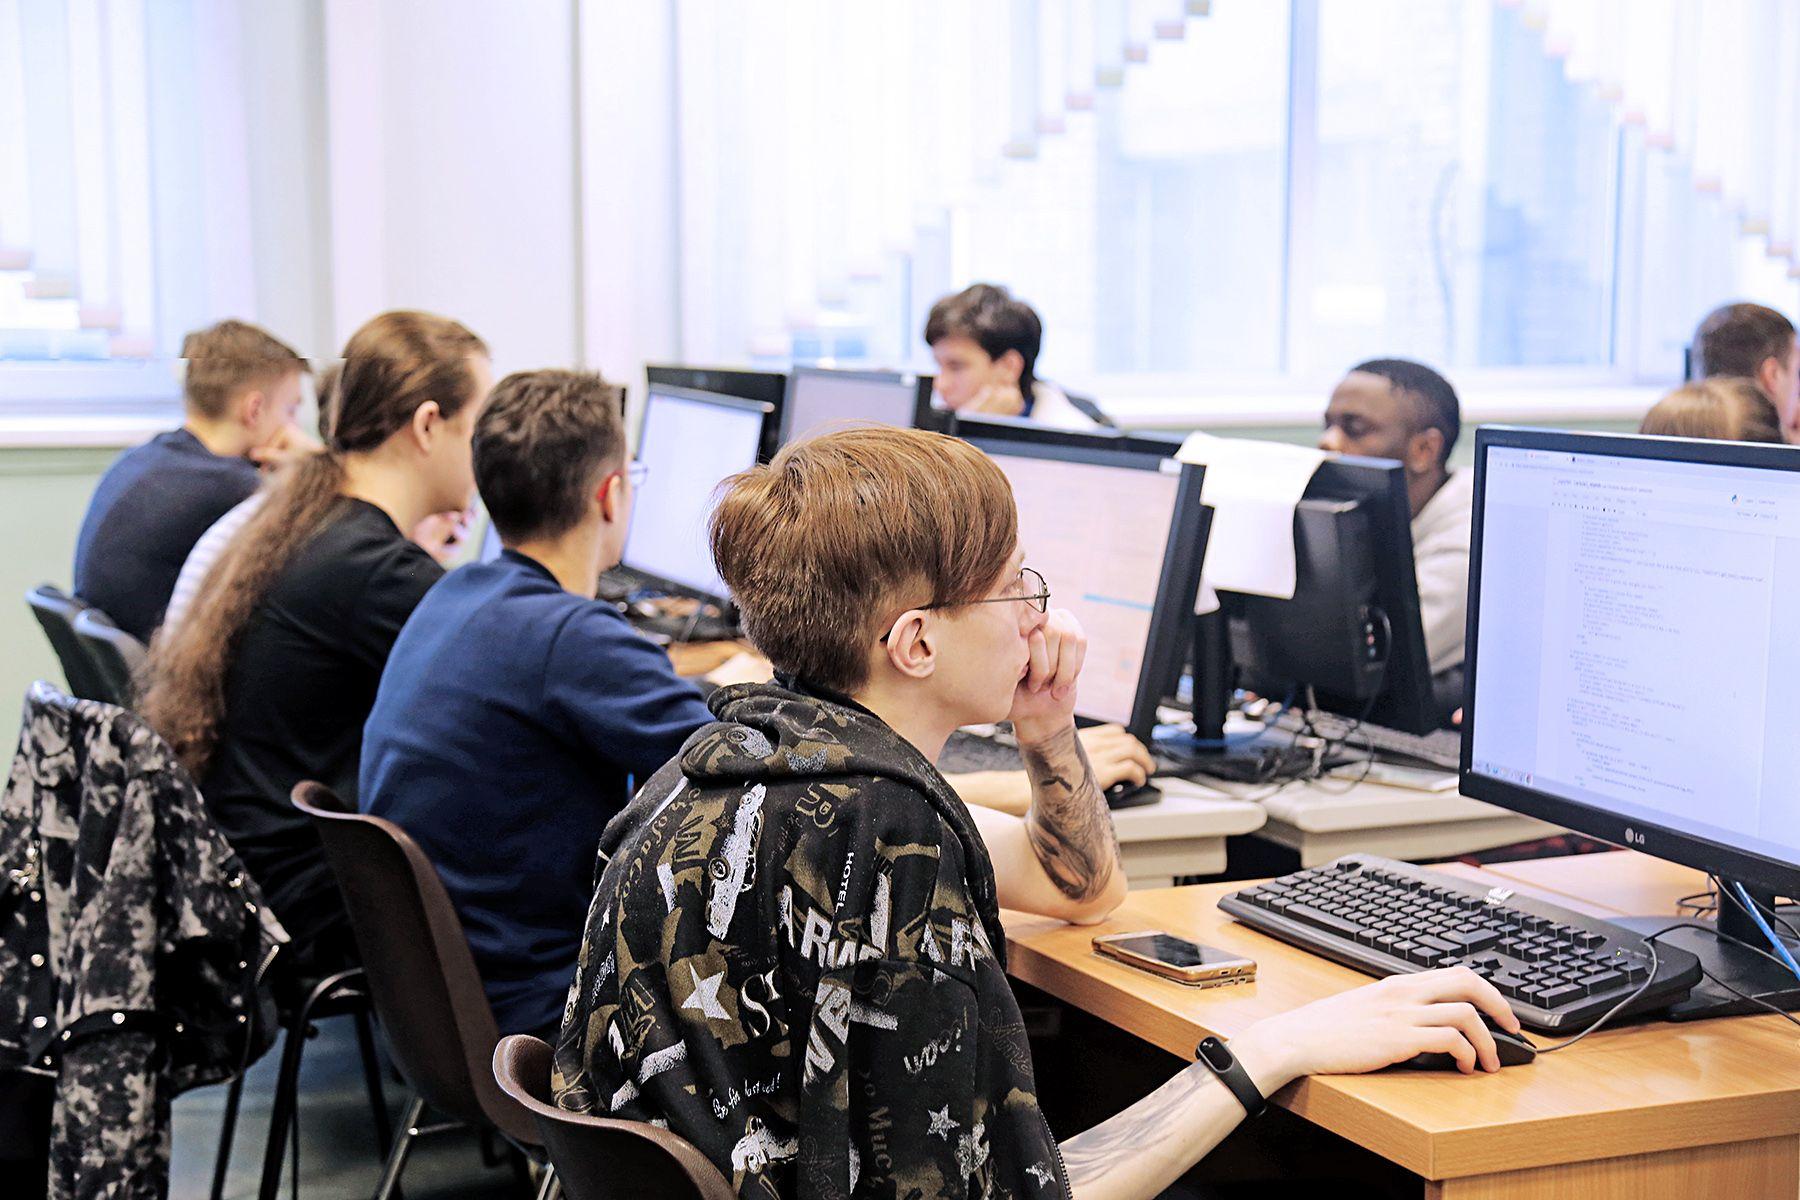 Кафедра информационных технологий и систем ВГУЭС приглашает абитуриентов узнать о направлениях подготовки, получить ответы от ведущих преподавателей, познакомиться с успешными выпускниками